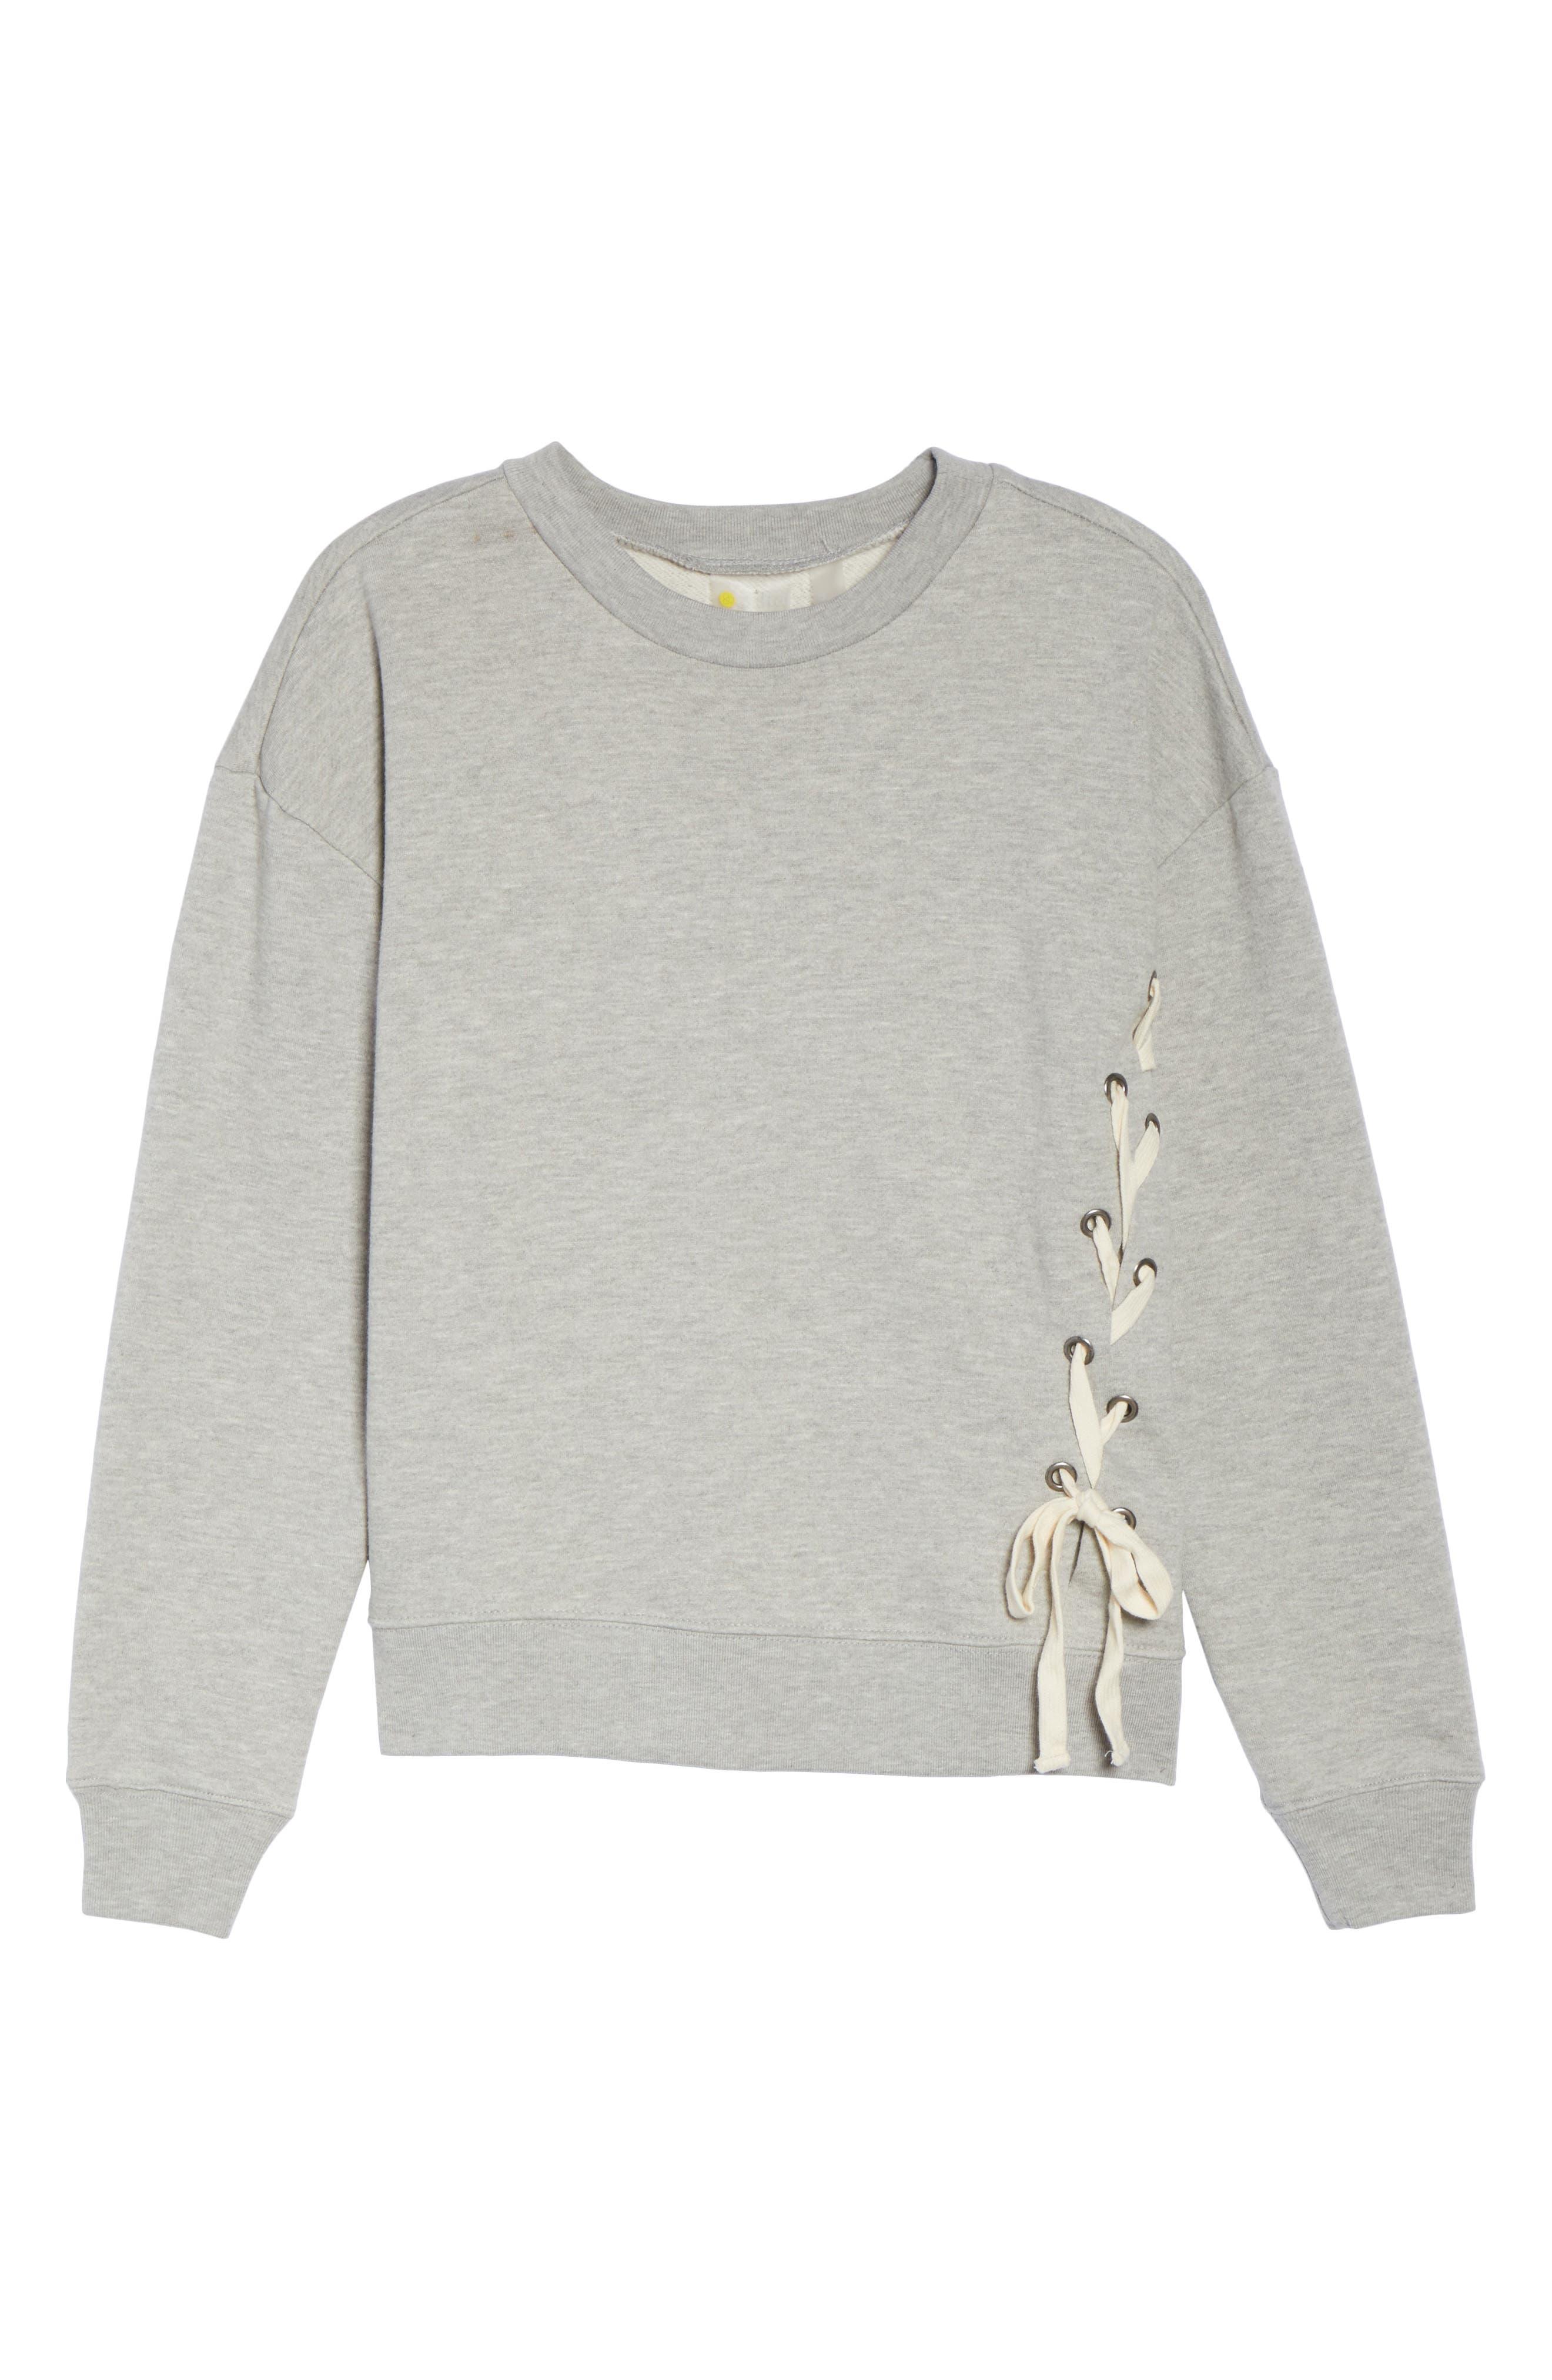 Lace-Up Crewneck Sweatshirt,                             Alternate thumbnail 7, color,                             030